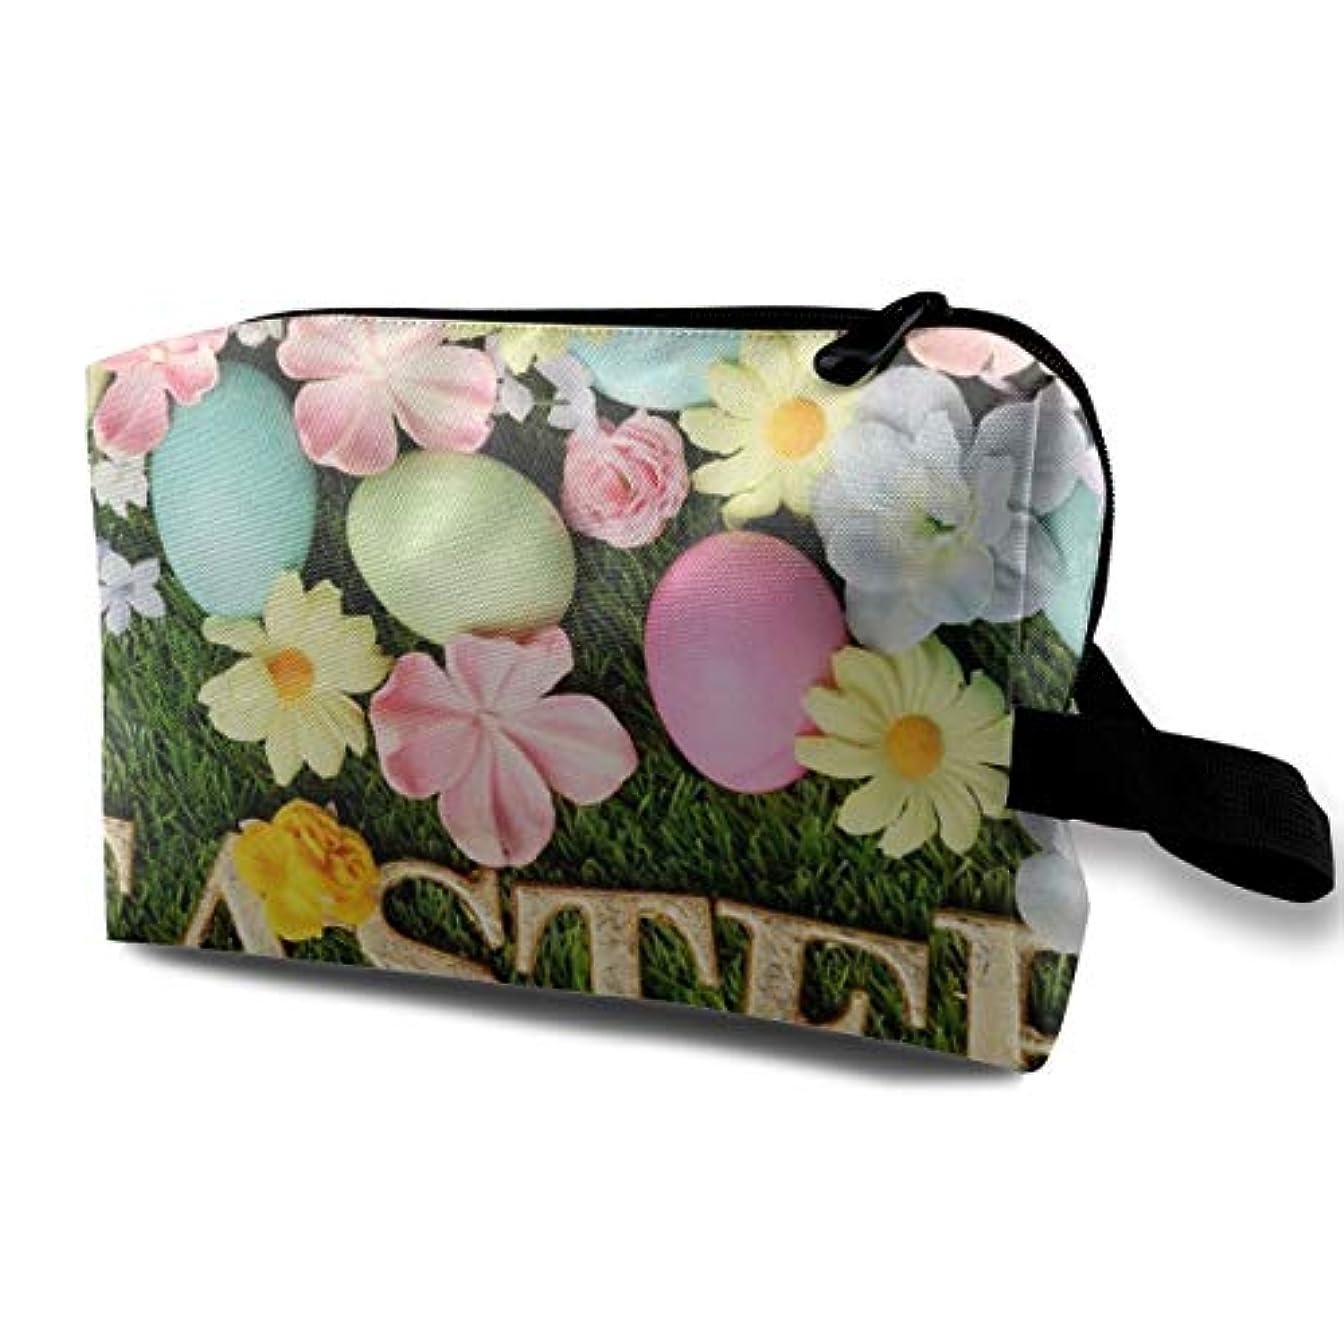 タイマー気怠い苦いHolidays Easter Eggs In Grass 収納ポーチ 化粧ポーチ 大容量 軽量 耐久性 ハンドル付持ち運び便利。入れ 自宅?出張?旅行?アウトドア撮影などに対応。メンズ レディース トラベルグッズ